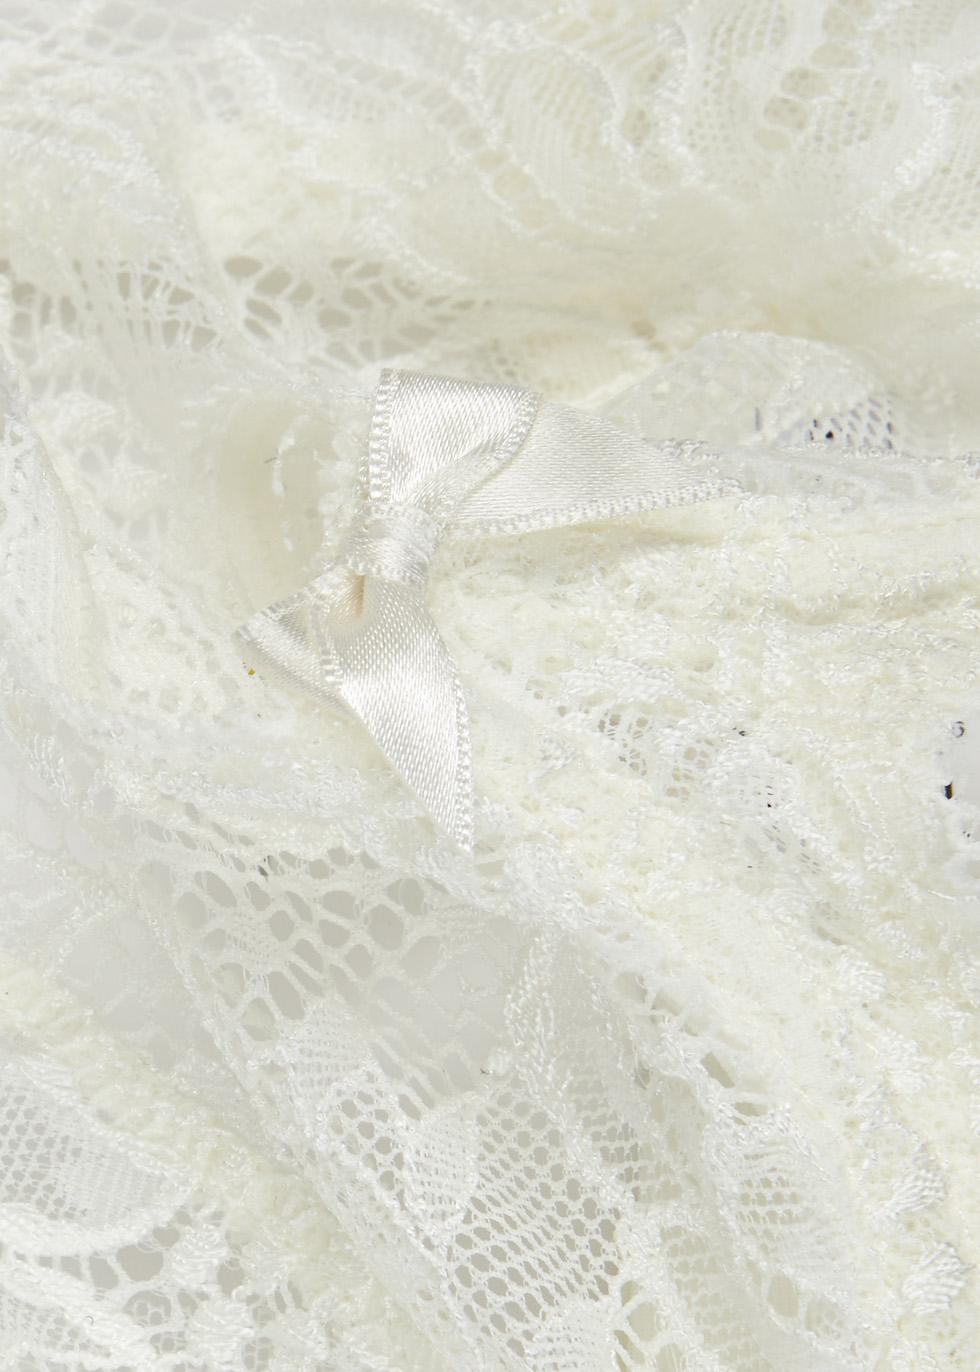 Eden ivory lace demi-cup bra - Simone Pérèle